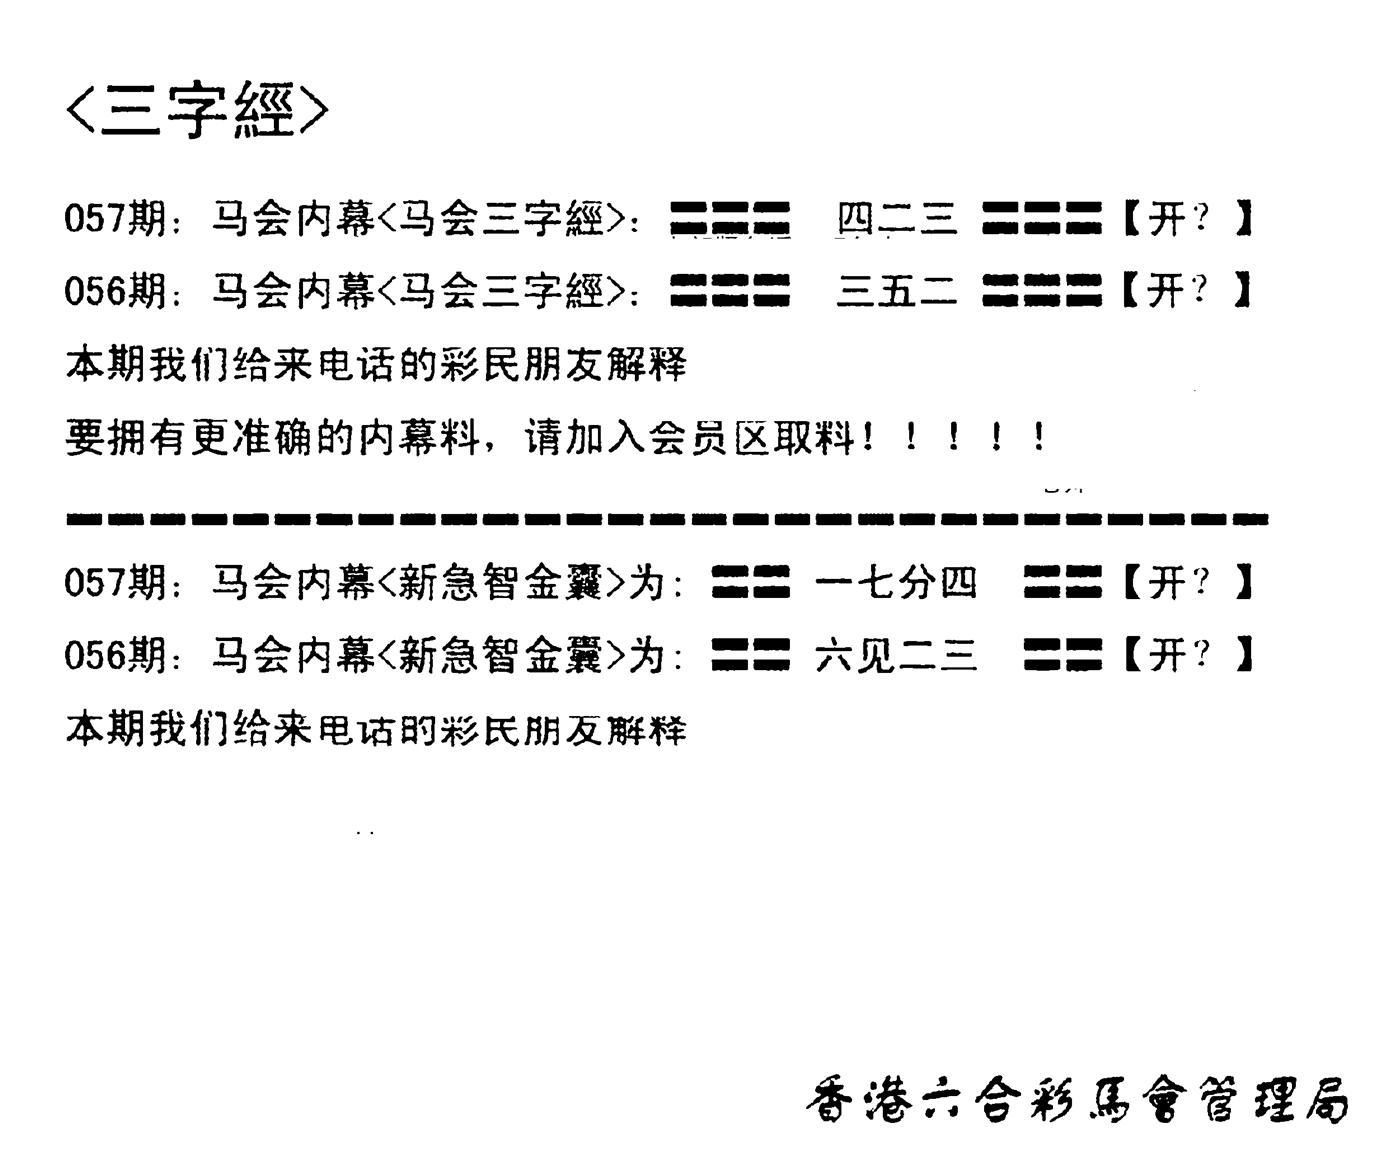 057期电脑版(早版)(黑白)